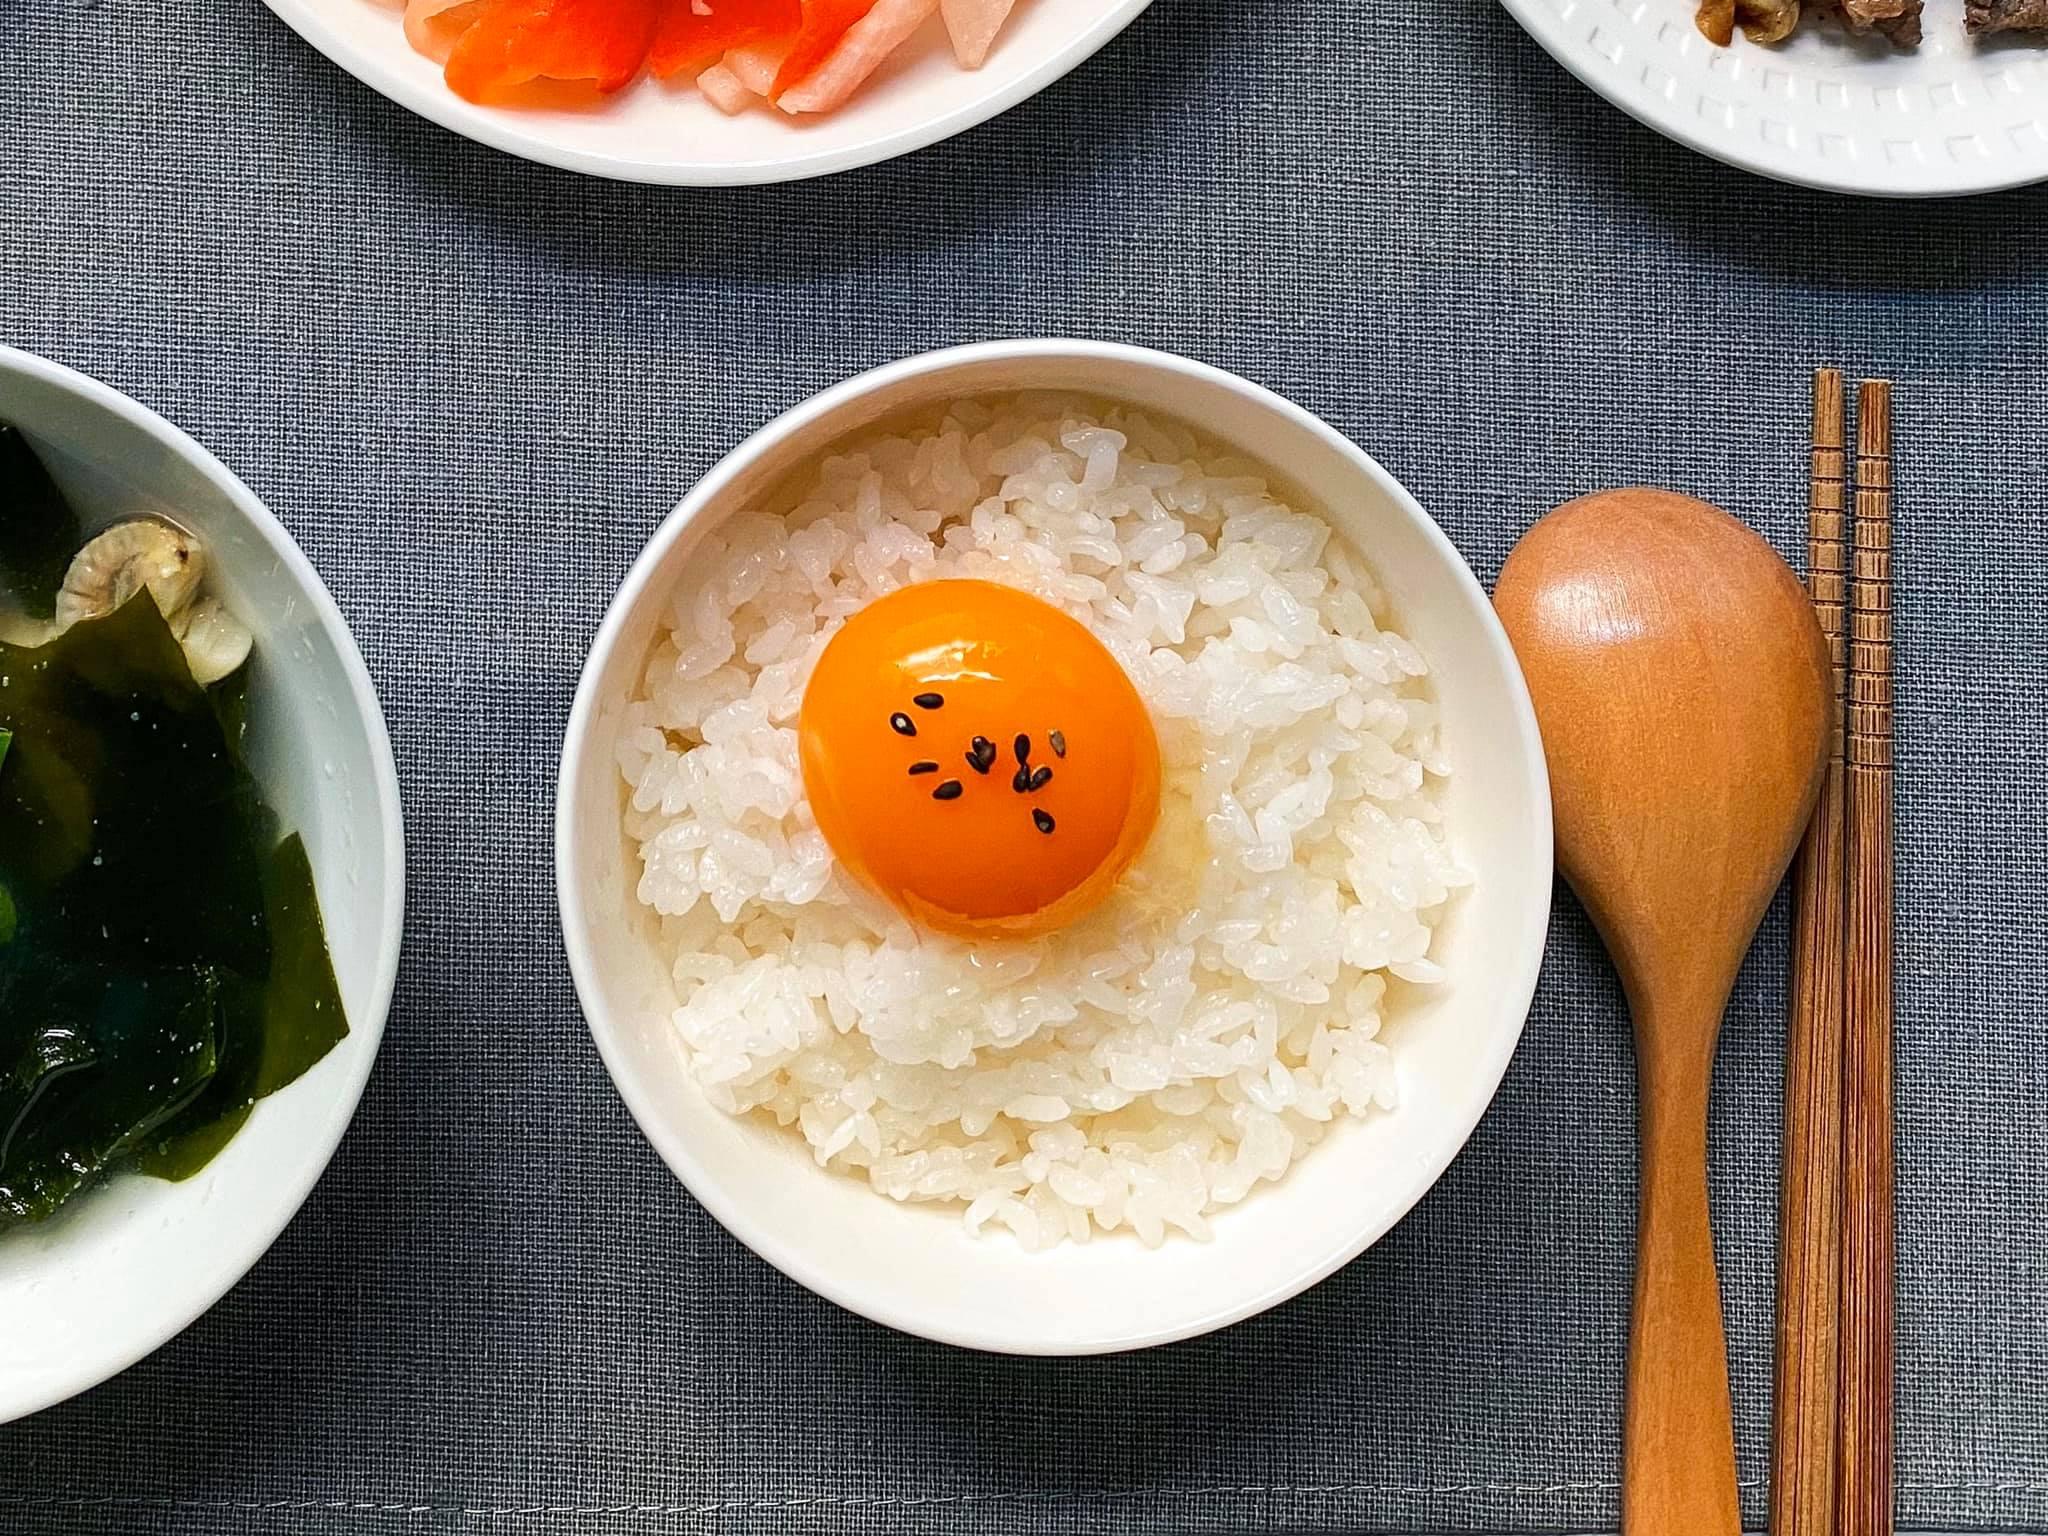 Học cách ăn trứng gà giống như người Nhật Bản, vừa ngon mà cực bổ dưỡng